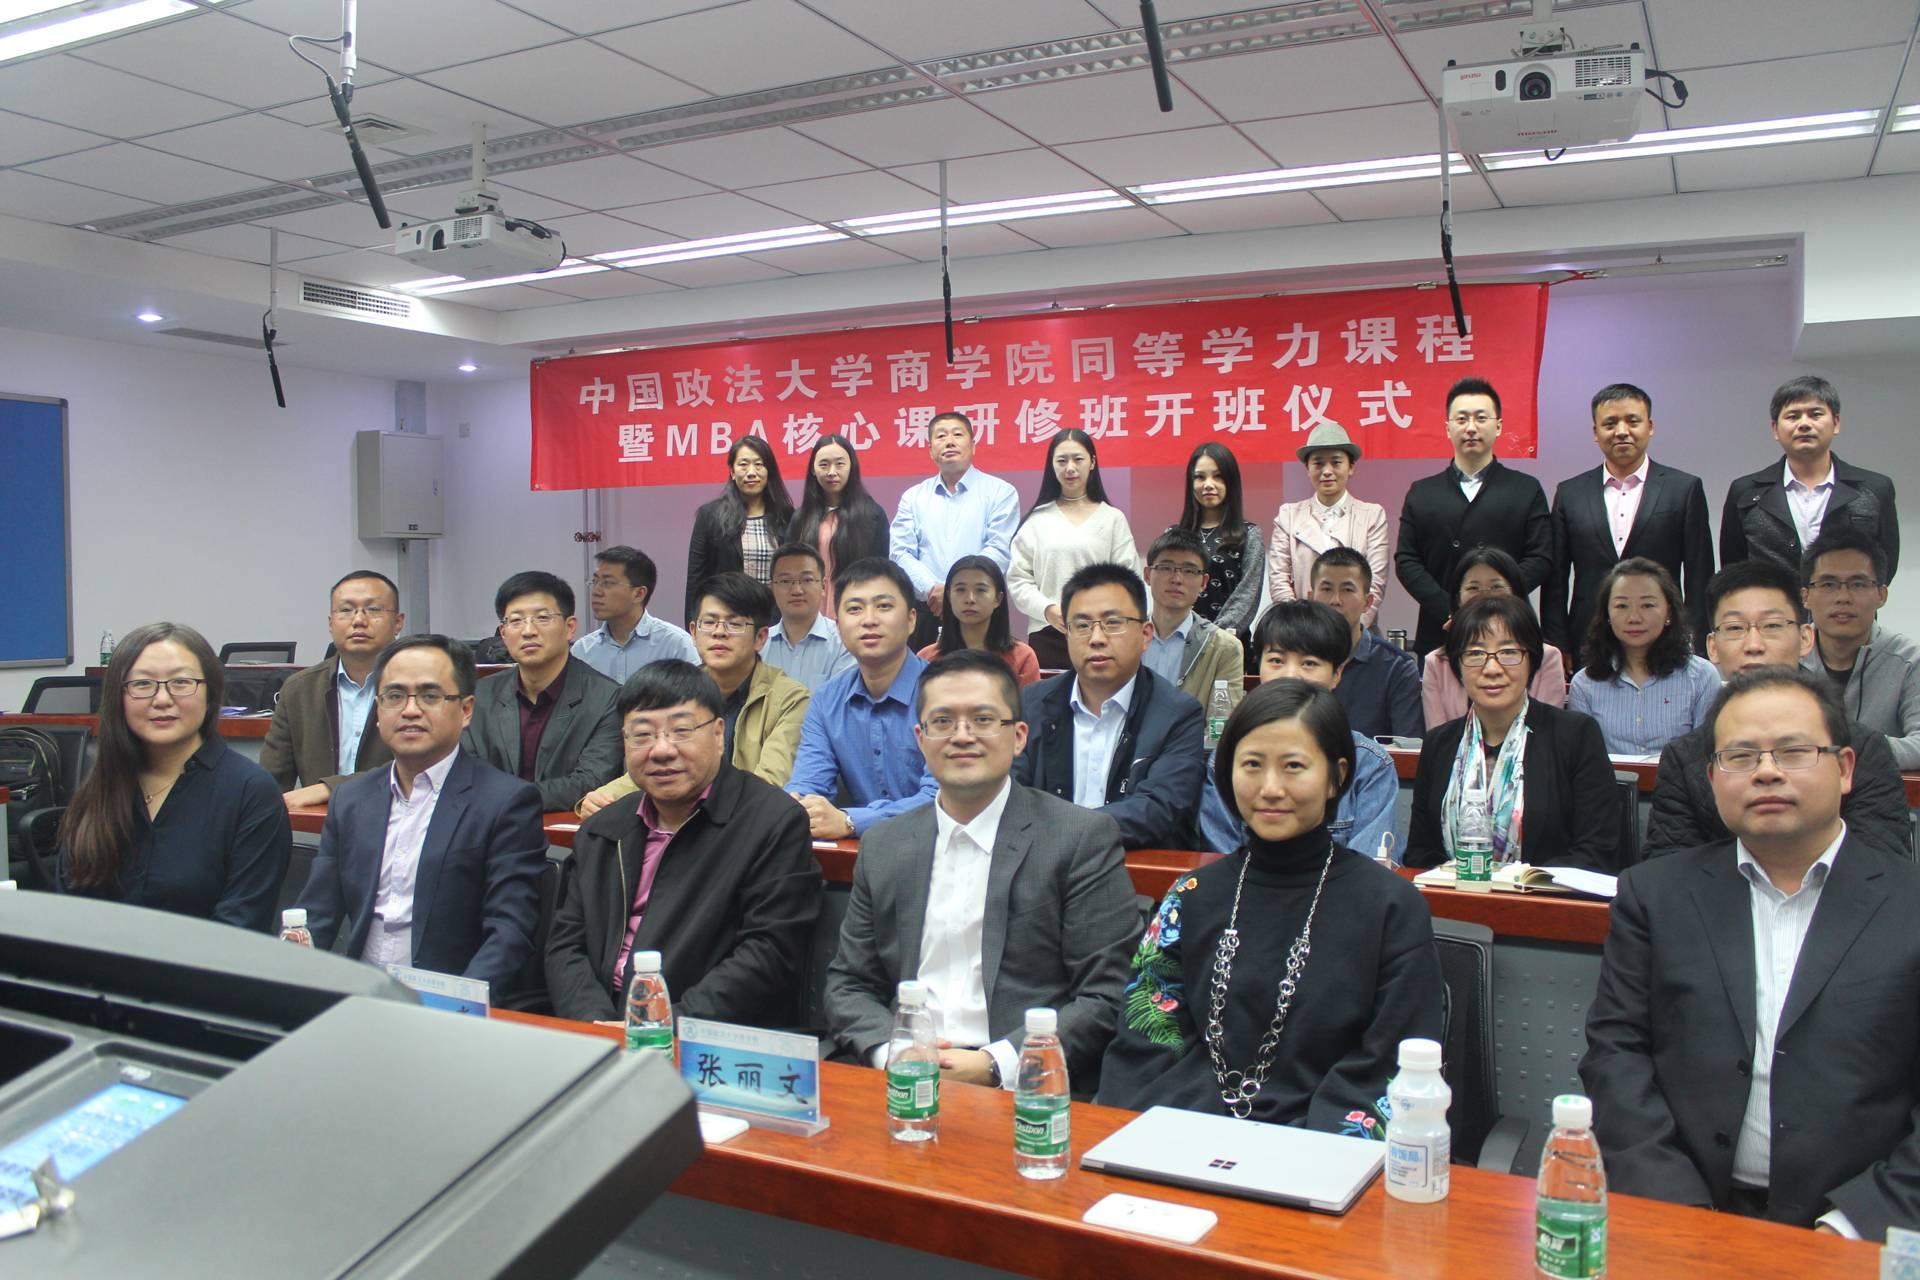 中国政法大学商学院同等学力课程暨MBA核心课程研修班开班仪式